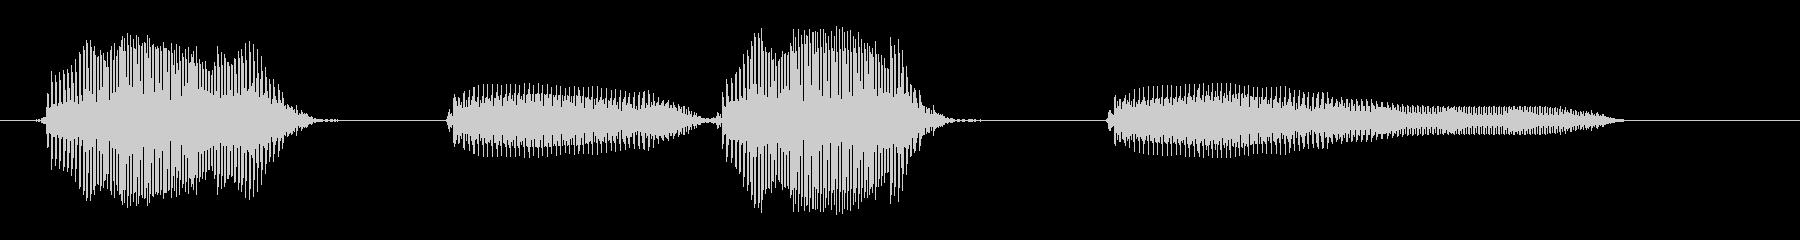 びっくりチキン小 2回 の未再生の波形